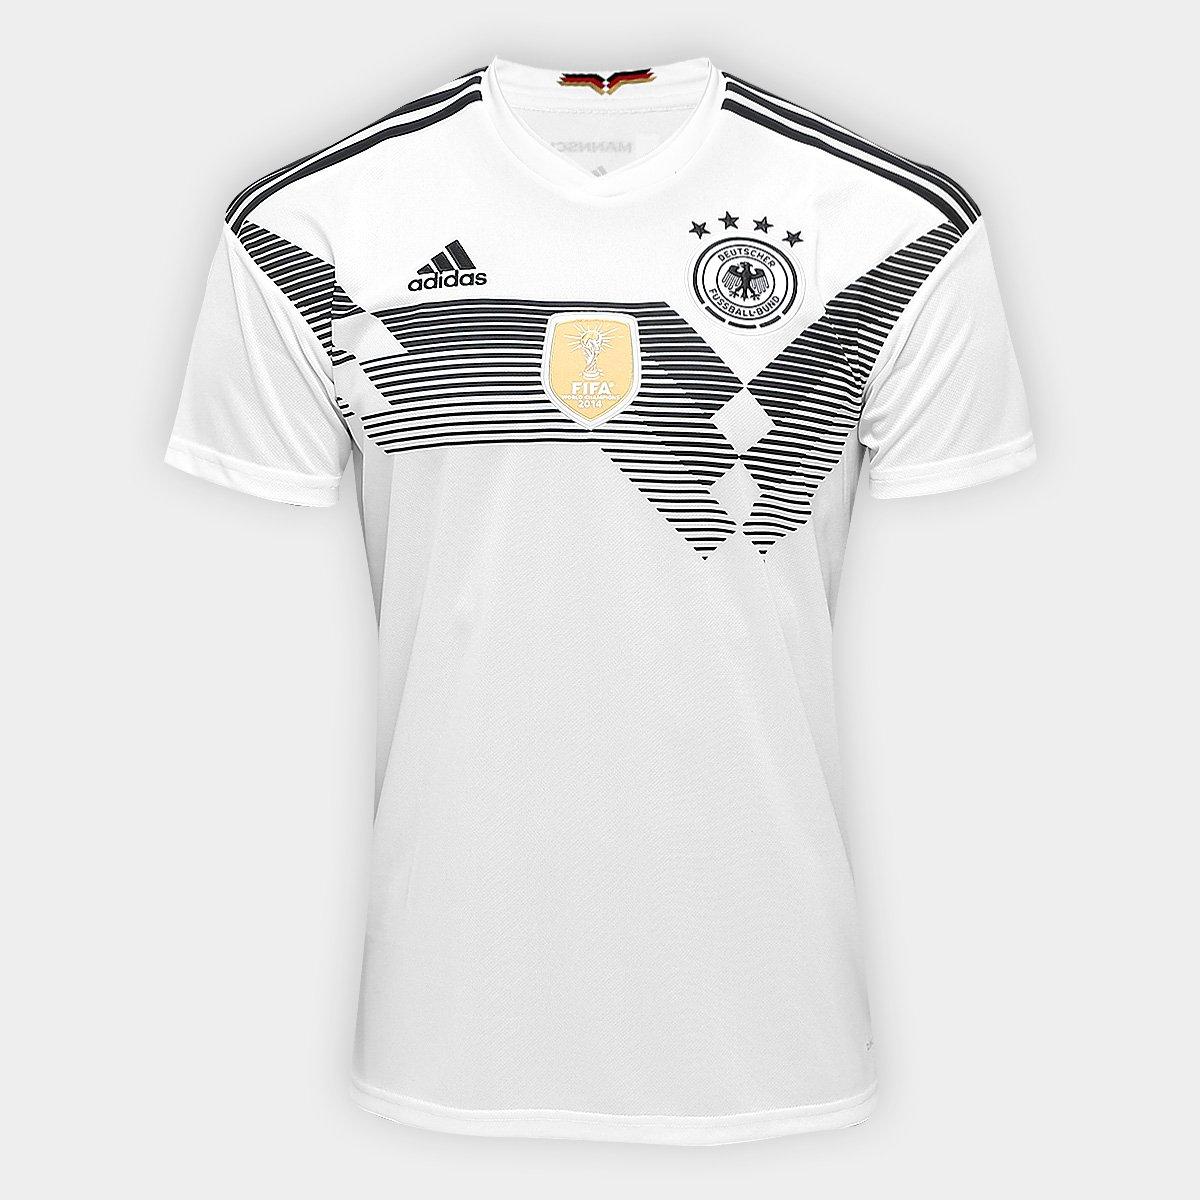 0dae4b1300a Camisa Seleção Alemanha Home 2018 s n° Torcedor Adidas Masculina - Compre  Agora